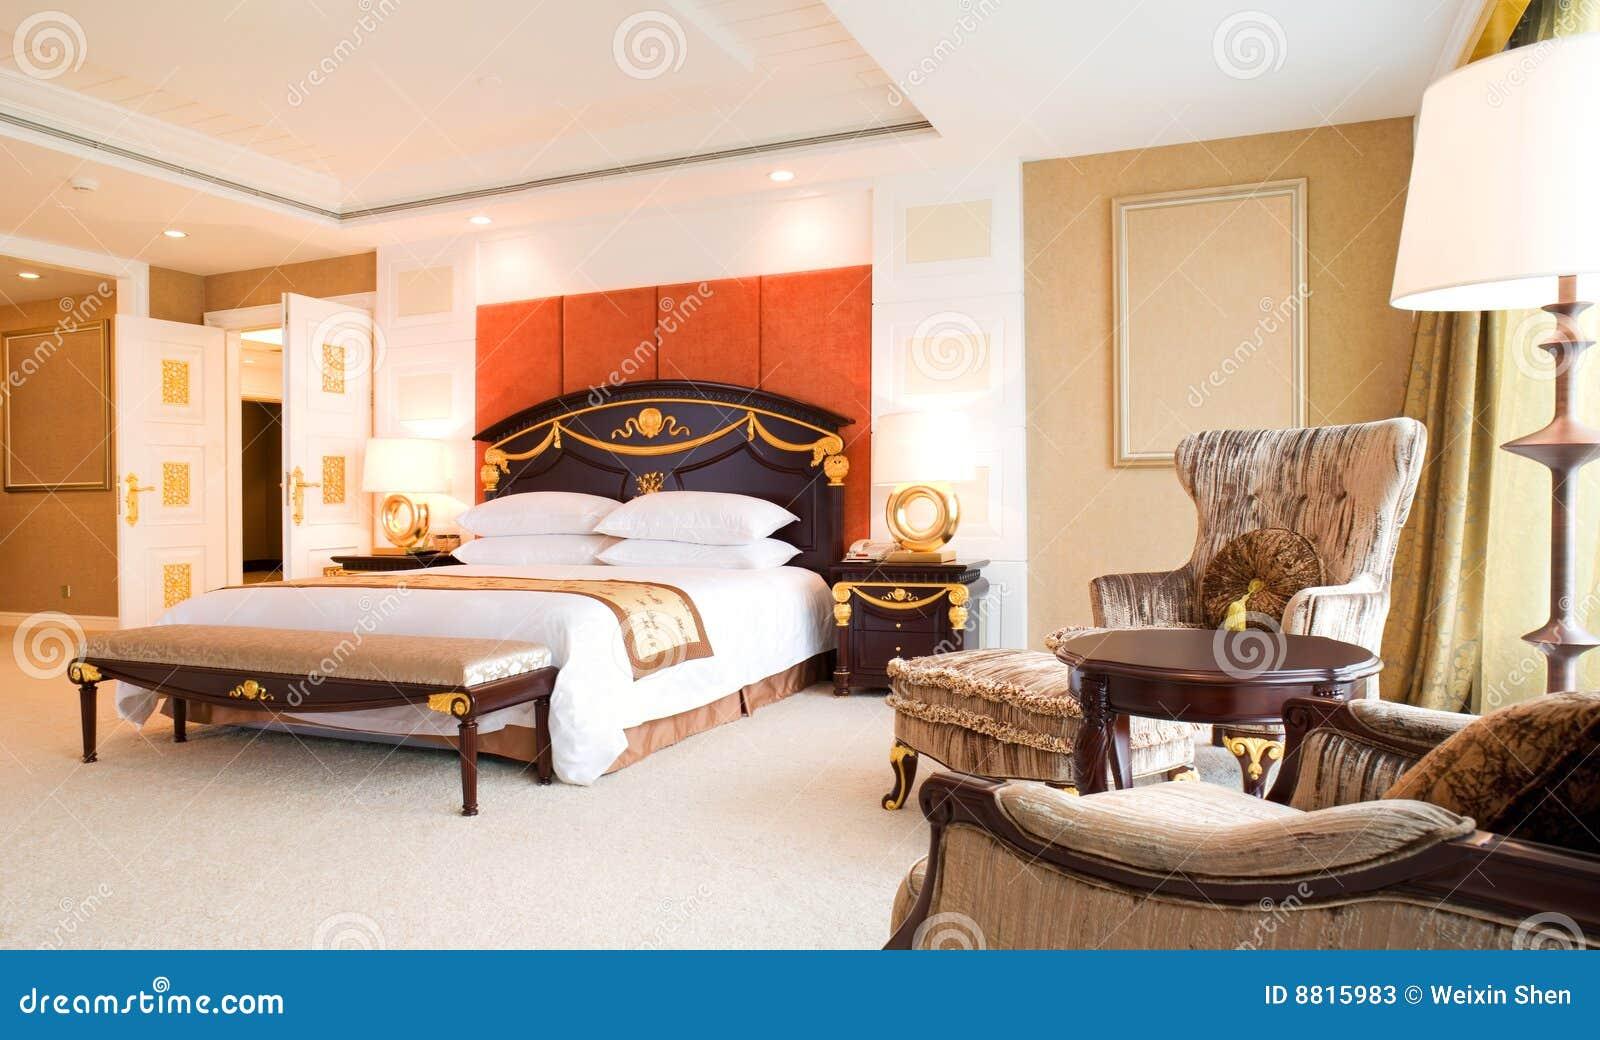 Camera Da Letto Della Serie Di Lusso In Hotel Fotografie Stock - Immagine: 88...